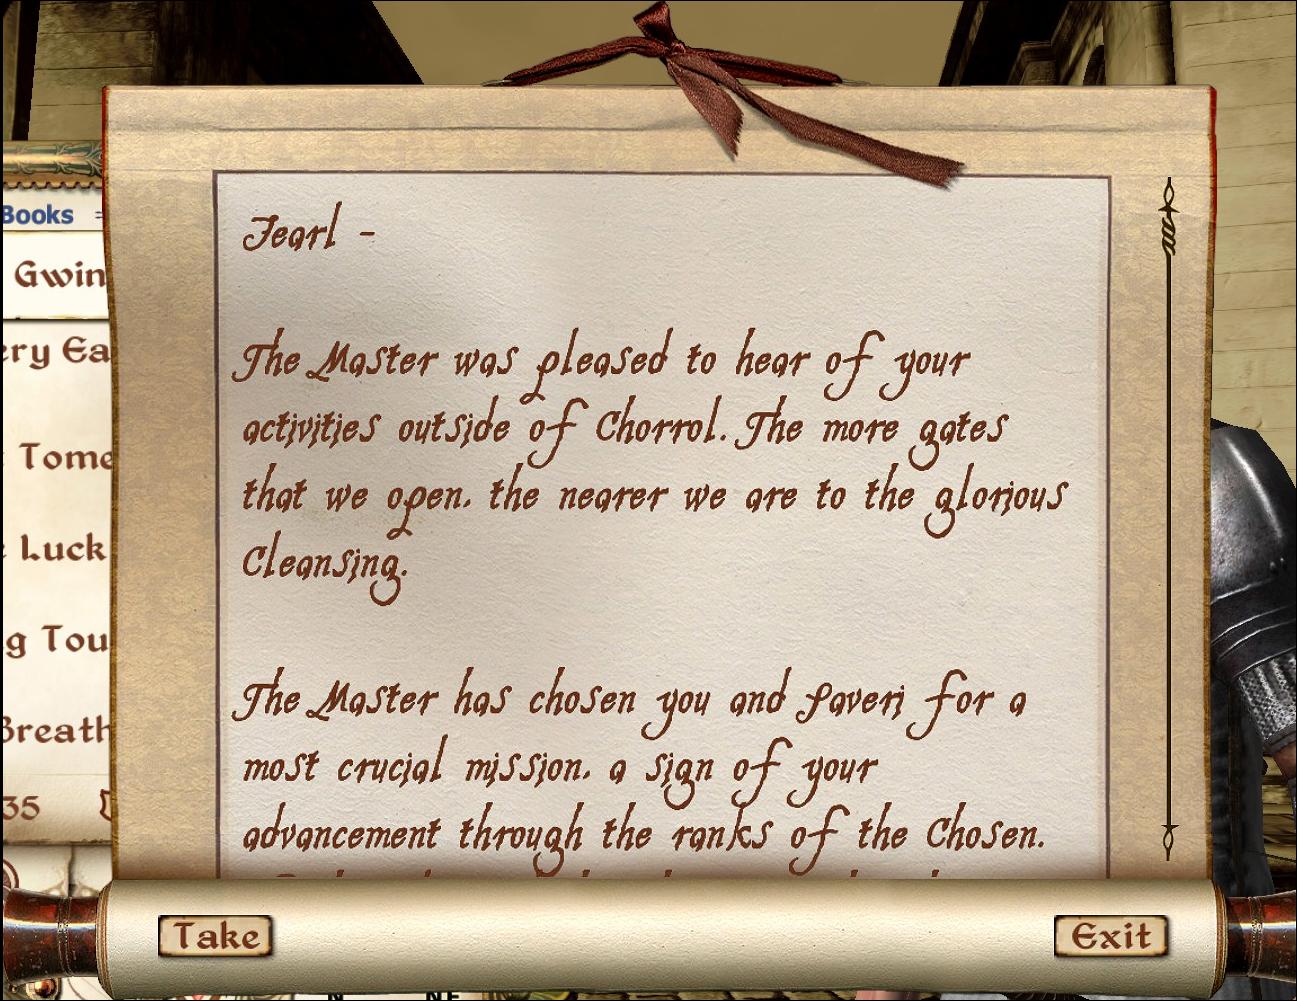 Jearl's Orders